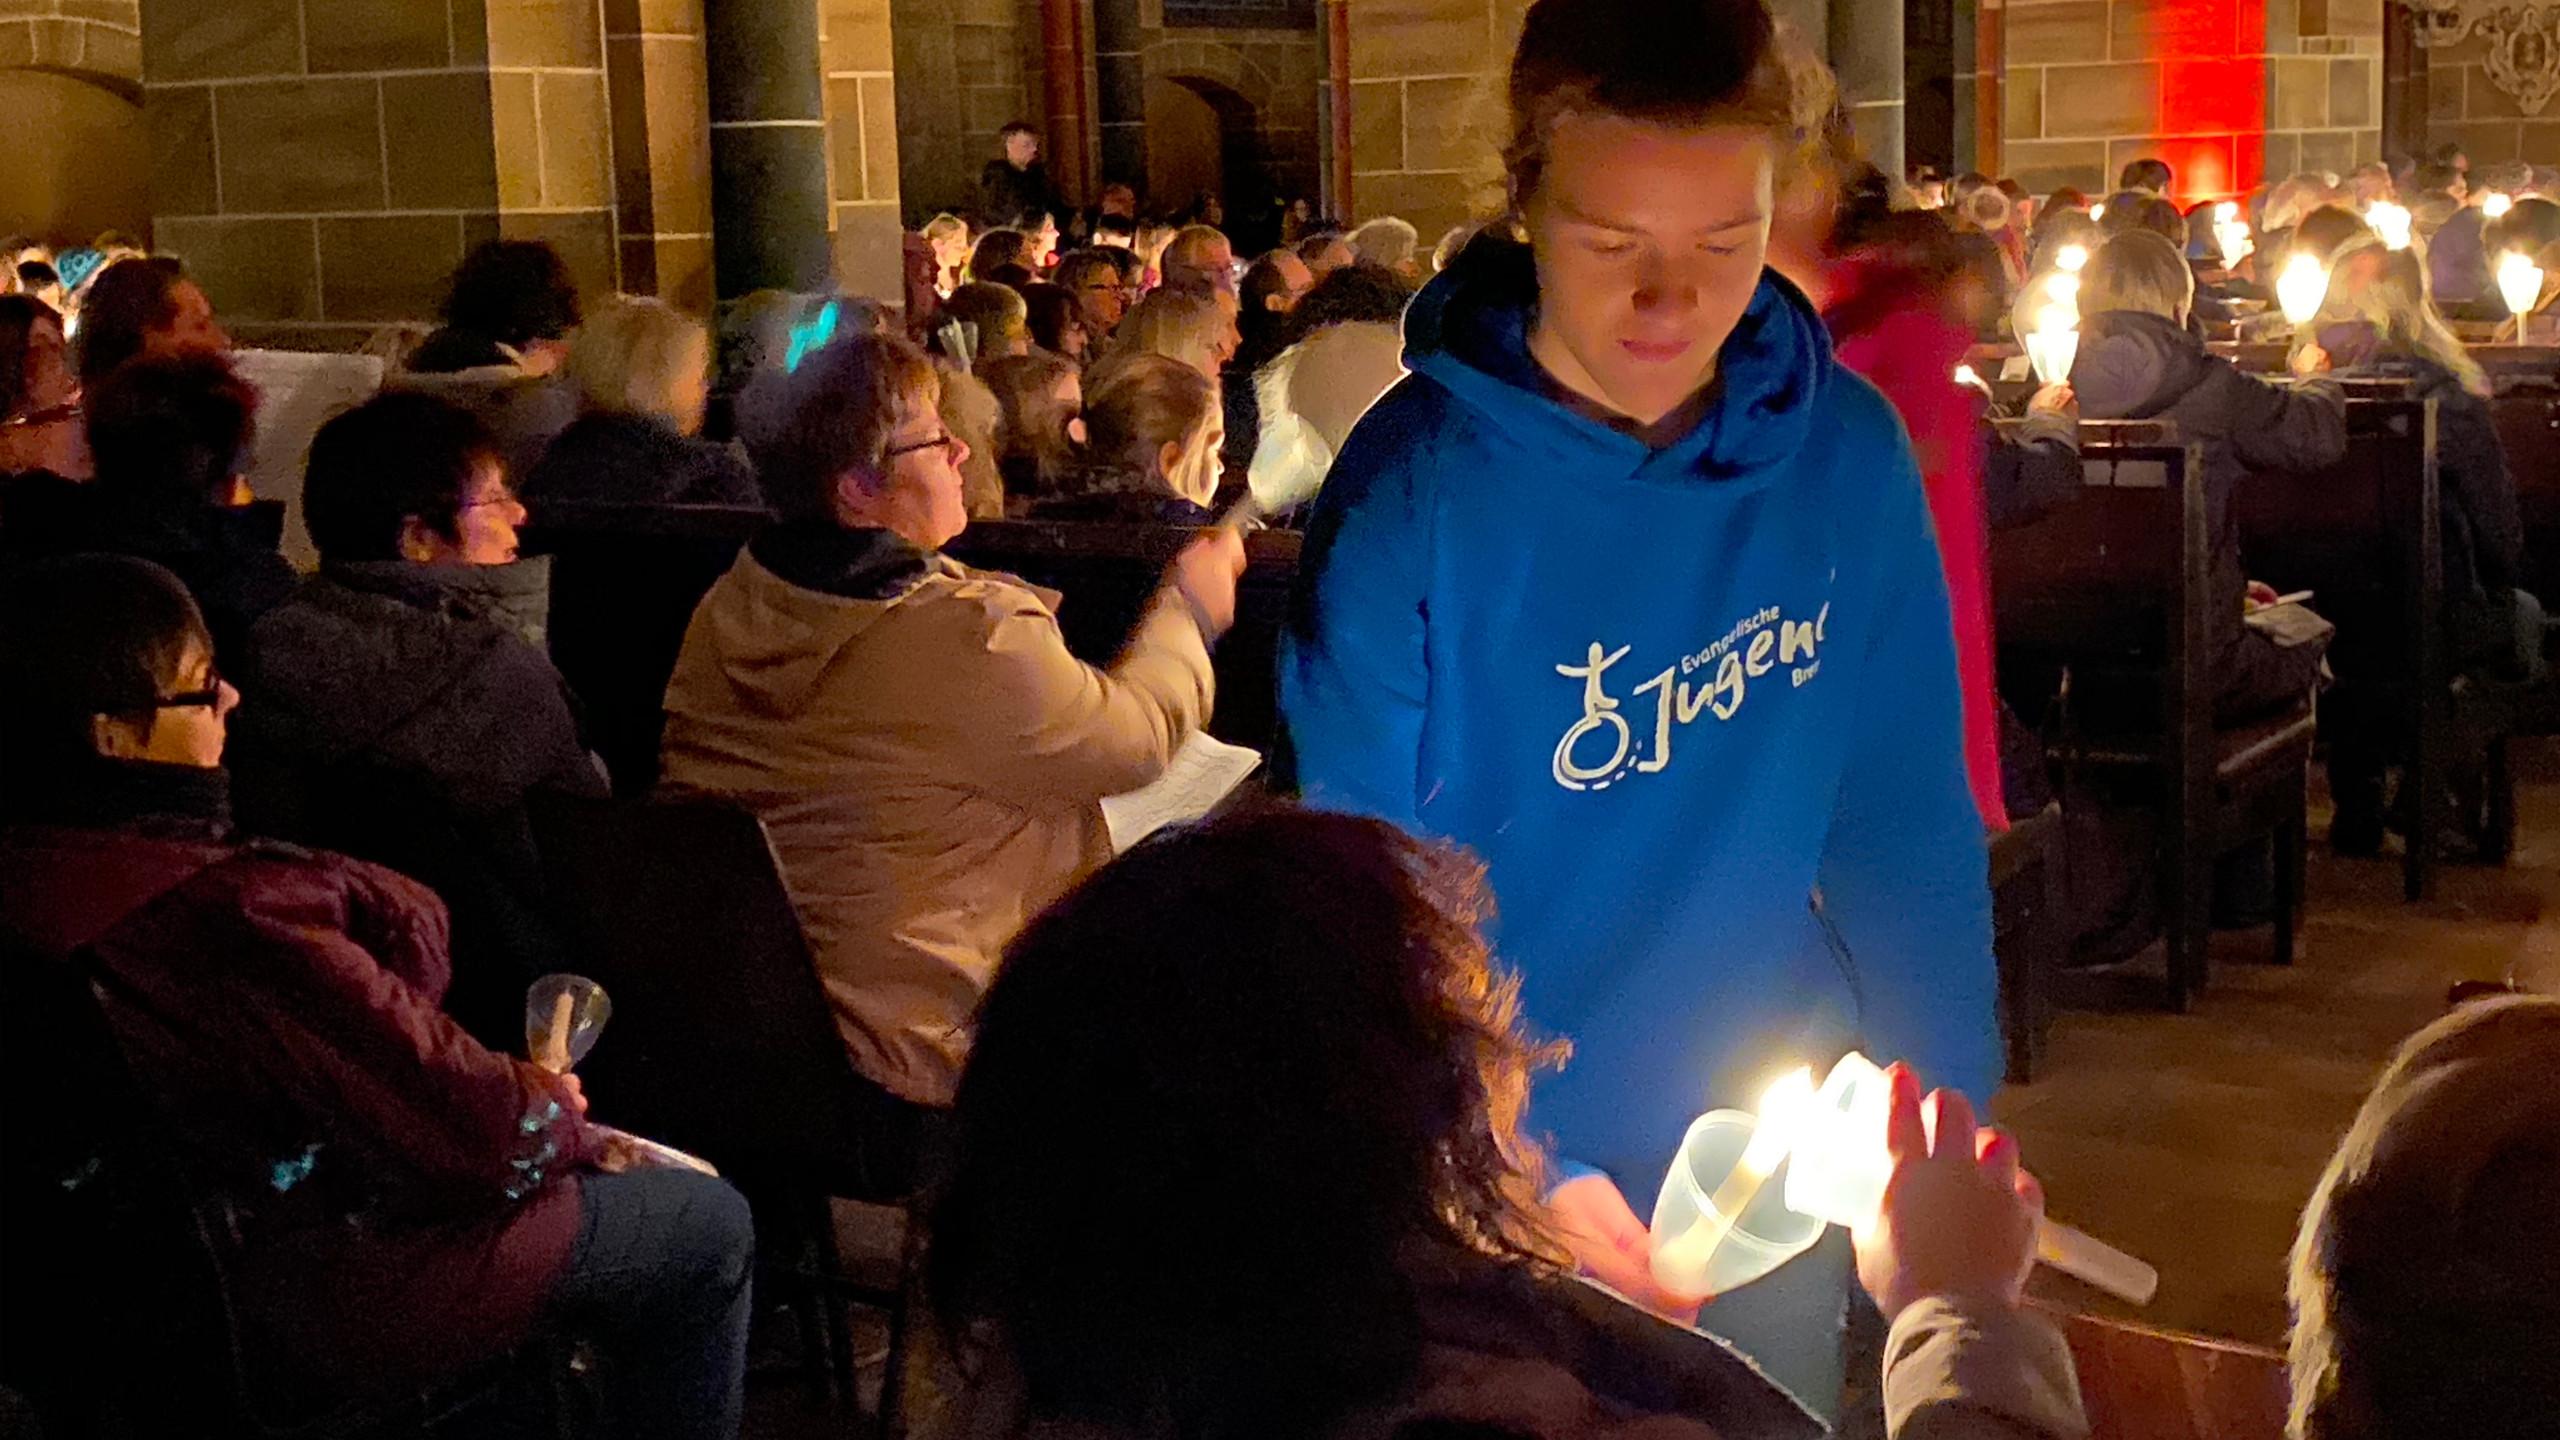 Nahaufnahme davon wie jemand mit der Kerze rumgeht und die Kerzen der Gäste anzündet.